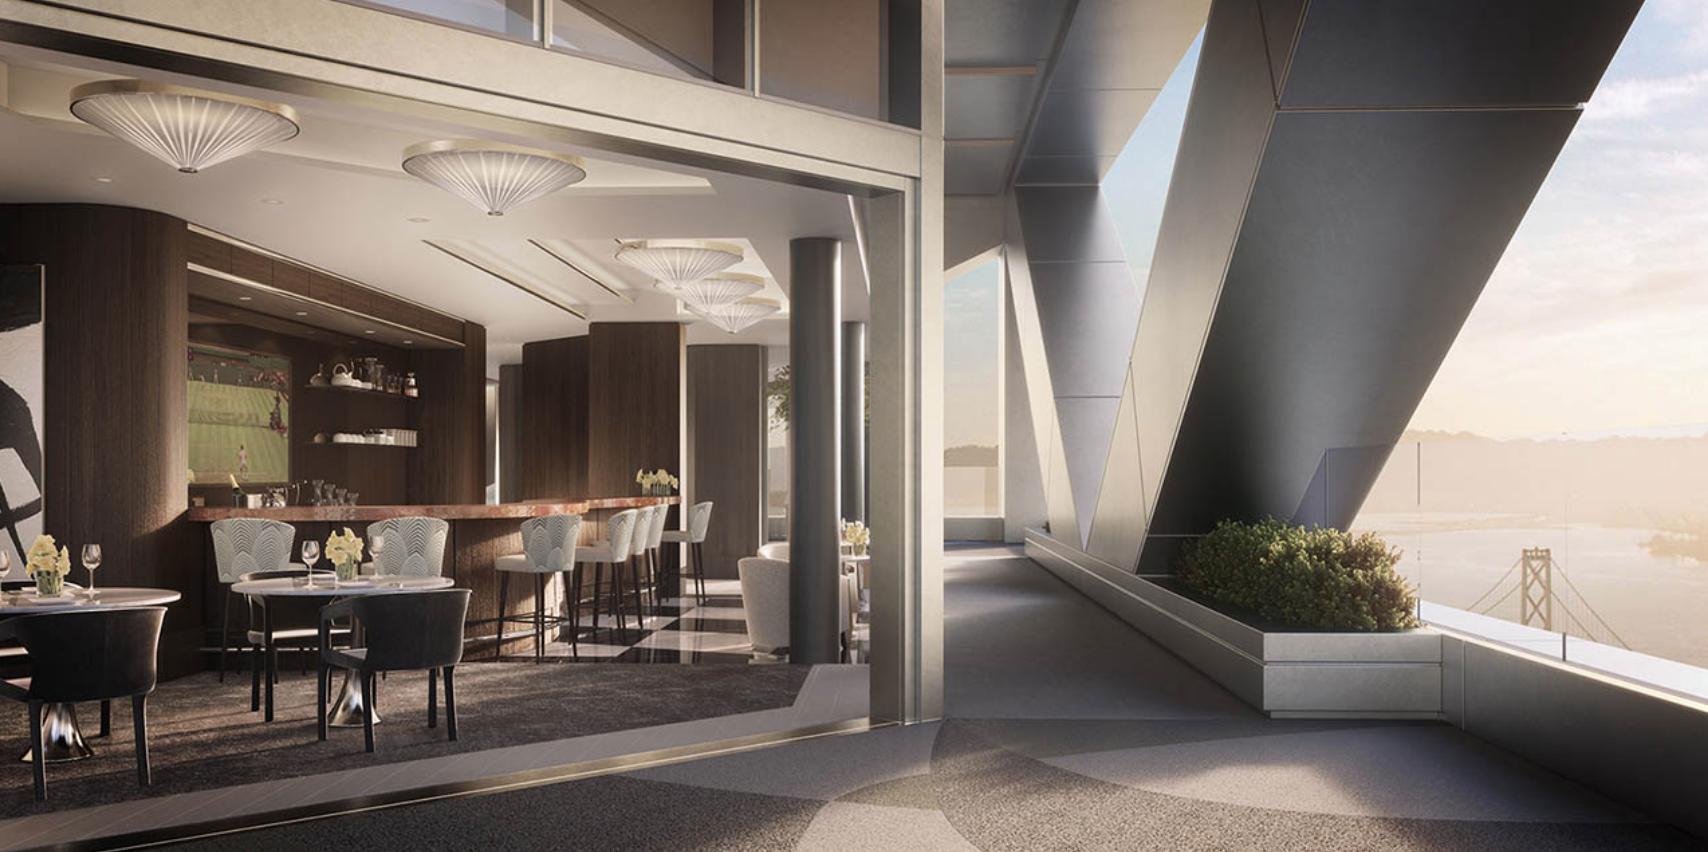 181 Fremont - Luxury Lounge